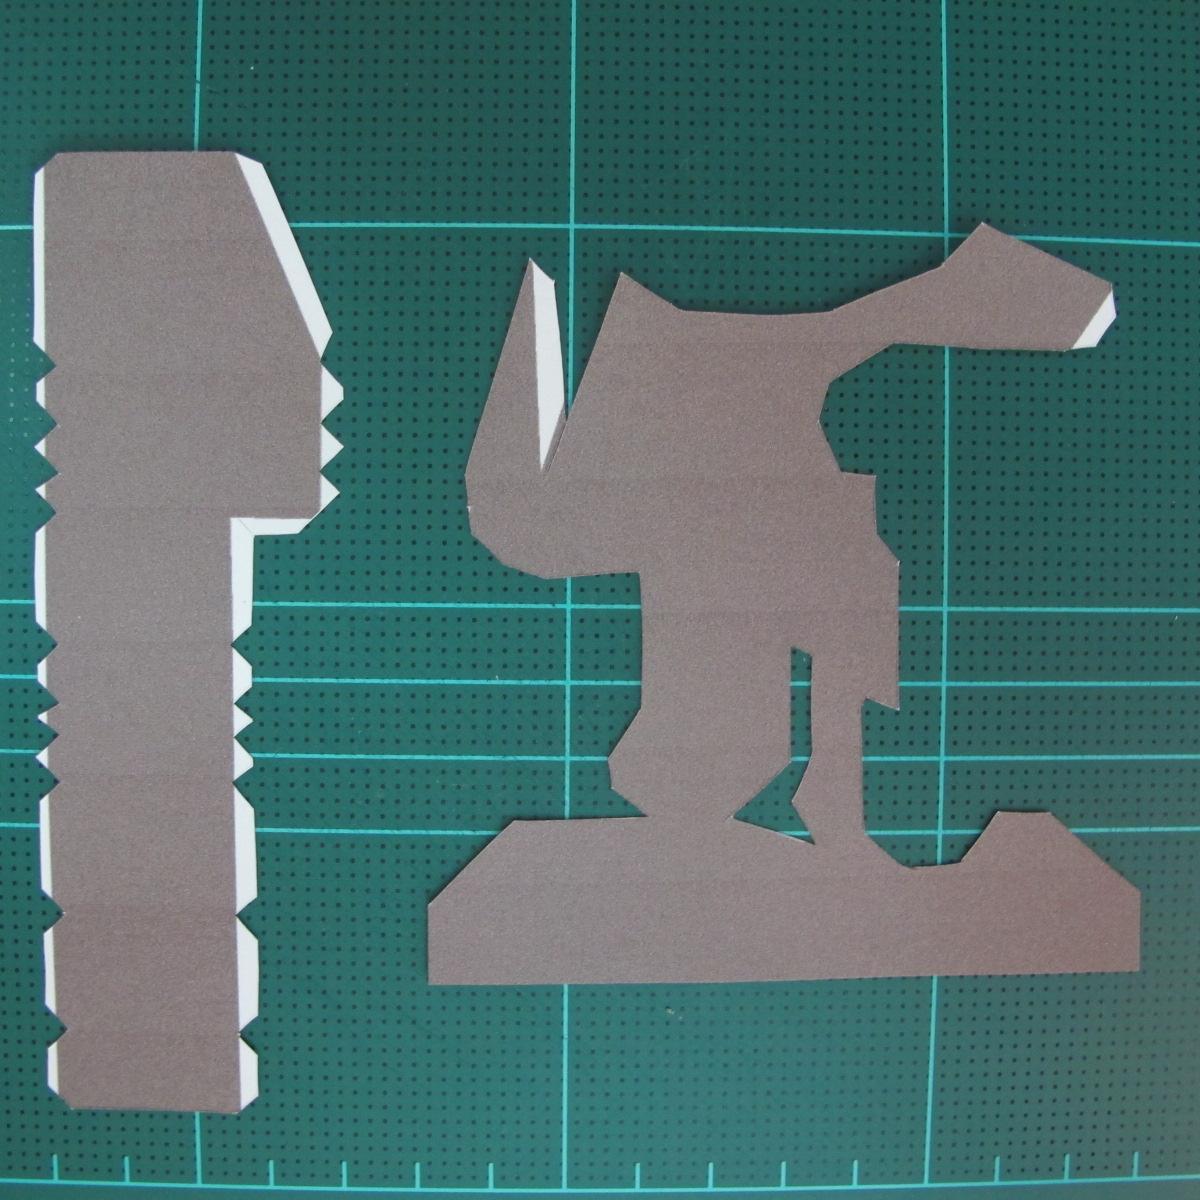 วิธีทำโมเดลกระดาษ ตุ้กตาไลน์ หมีบราวน์ ถือพลั่ว (Line Brown Bear With Shovel Papercraft Model -「シャベル」と「ブラウン」) 003